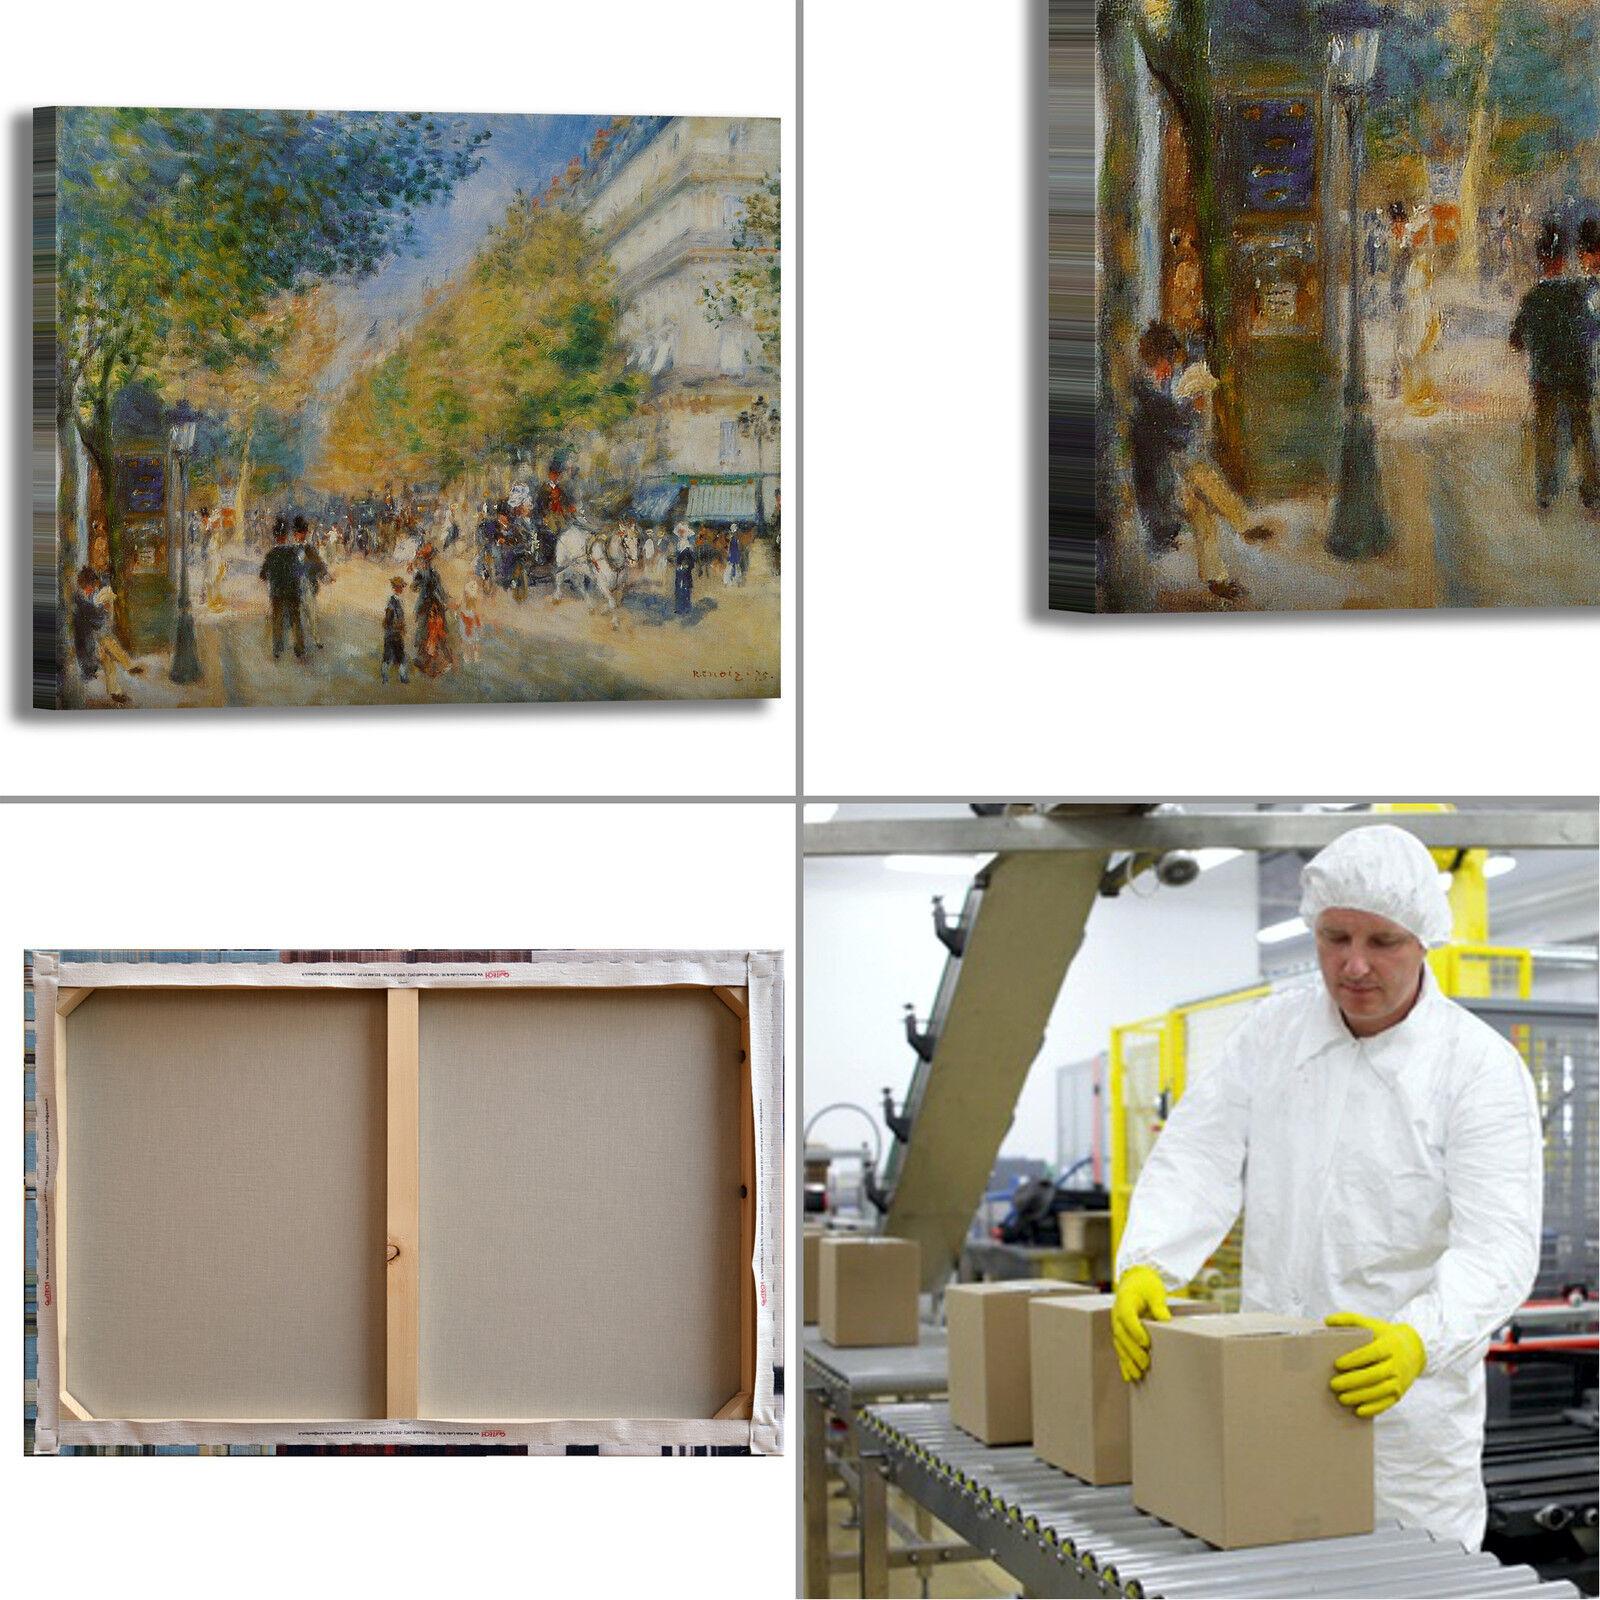 Renoir grands boulevards design quadro quadro quadro stampa tela dipinto telaio arRouge o casa 603e50